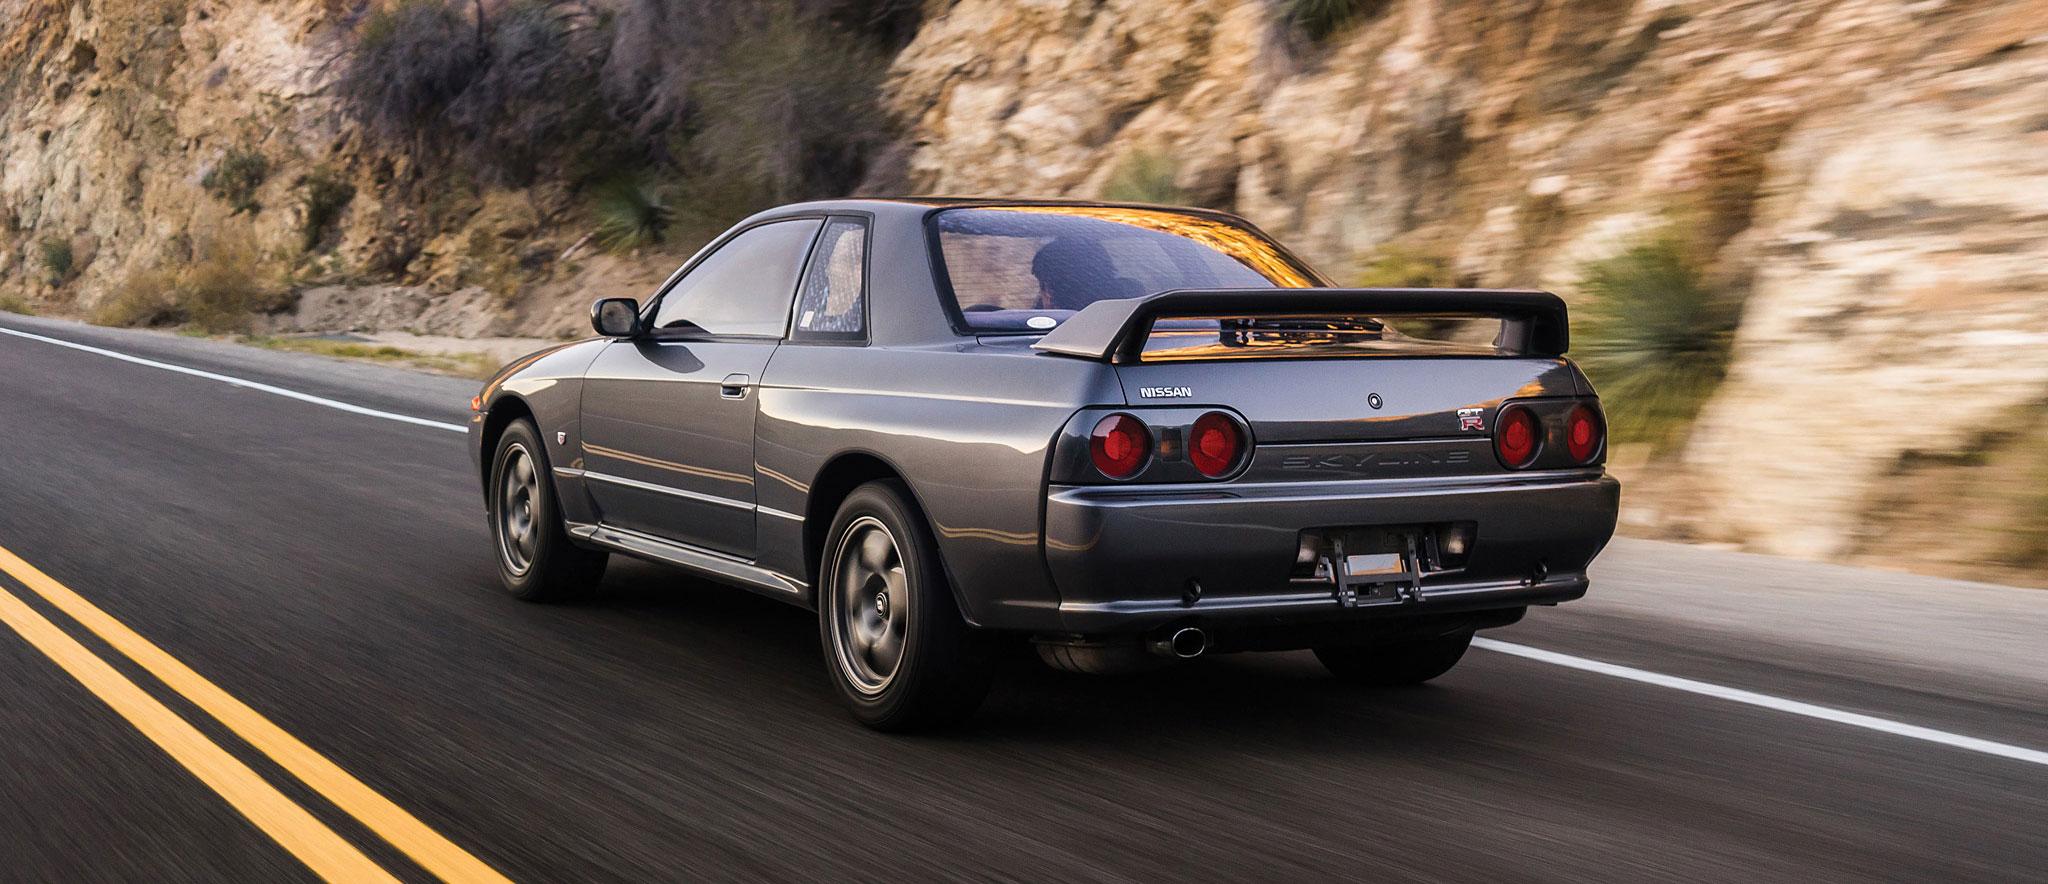 1989-Nissan-Skyline-GT-R-V6-banner